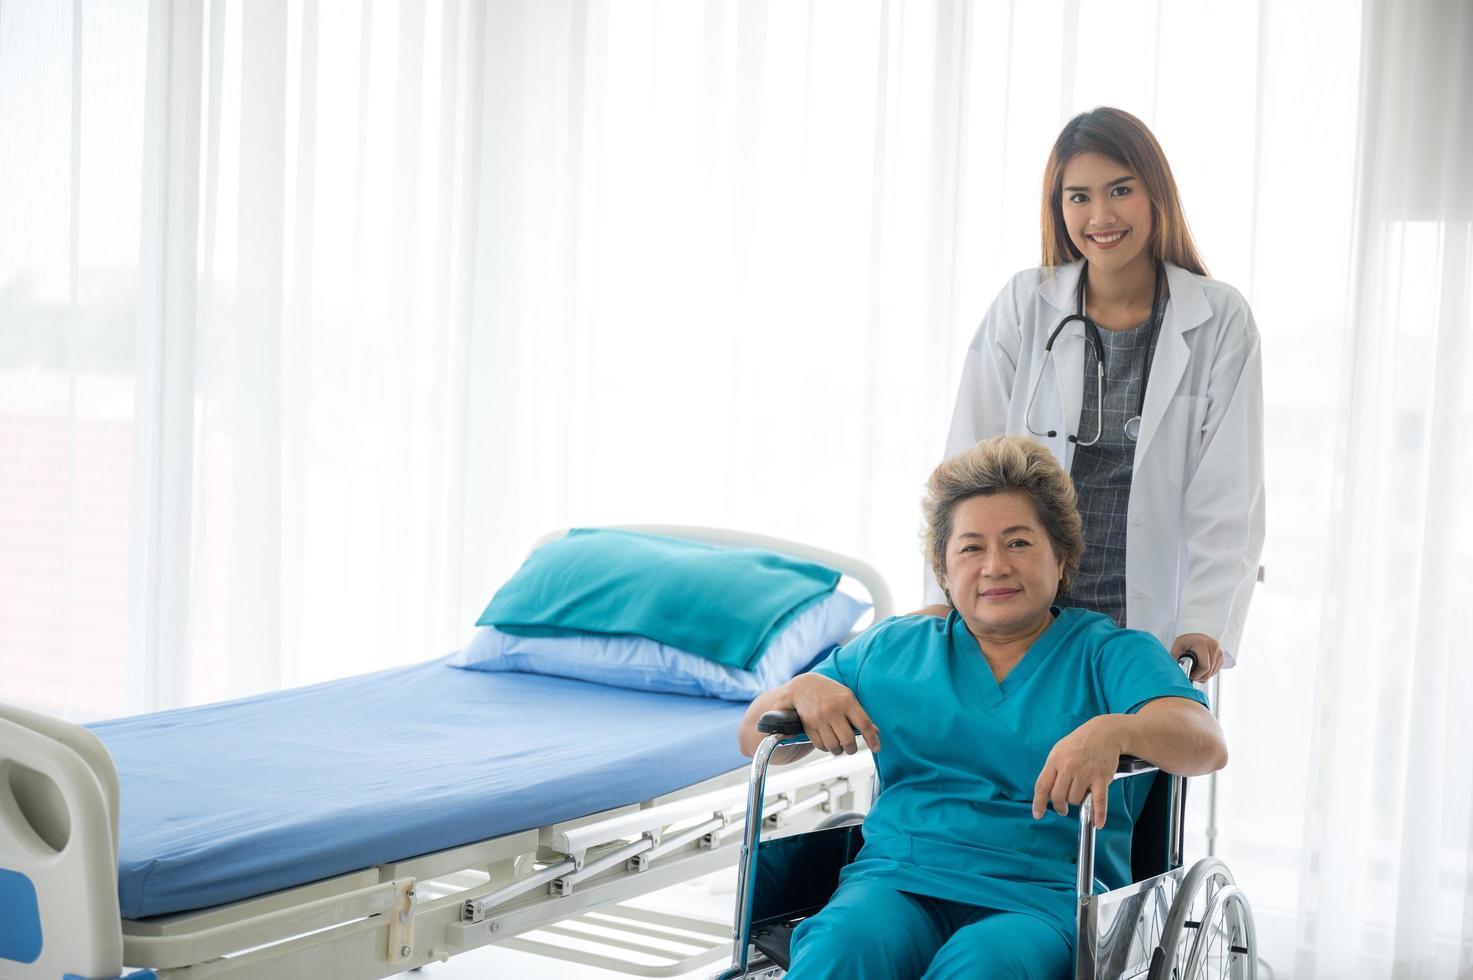 Der Arzt überprüft die Gesundheit älterer Patienten im Krankenhaus. foto